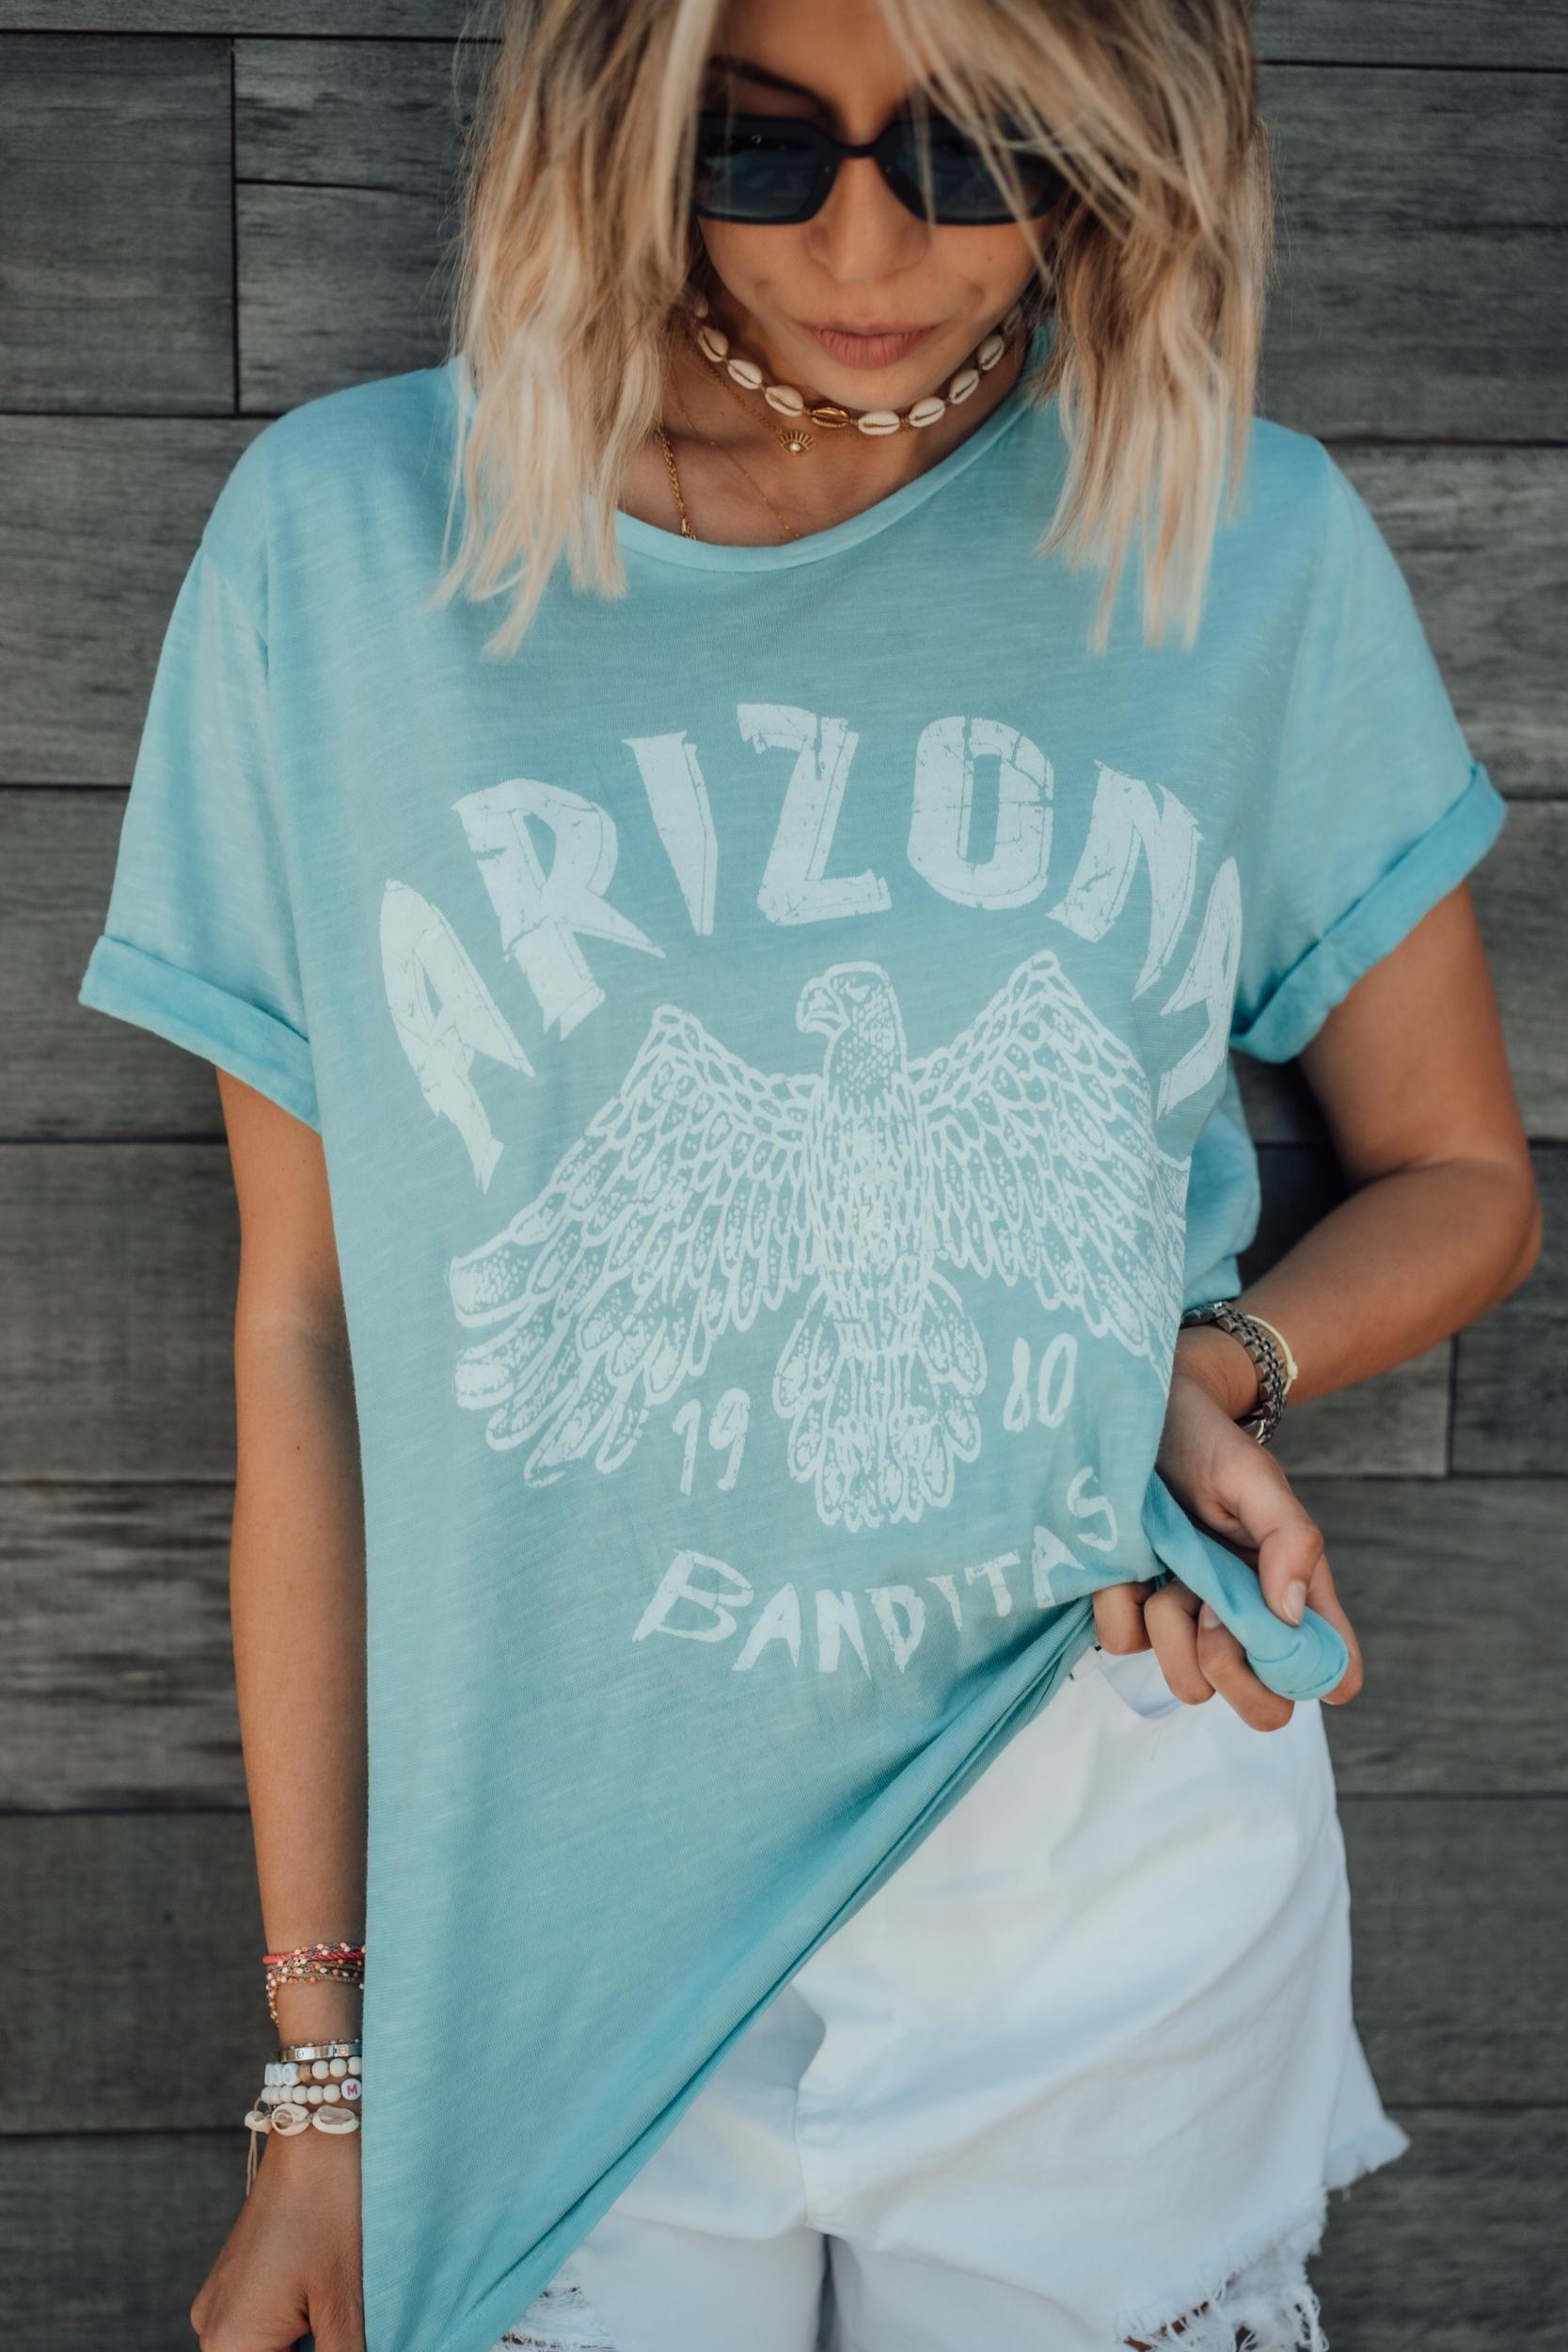 tee_arizona_turquoise_banditasPM-566